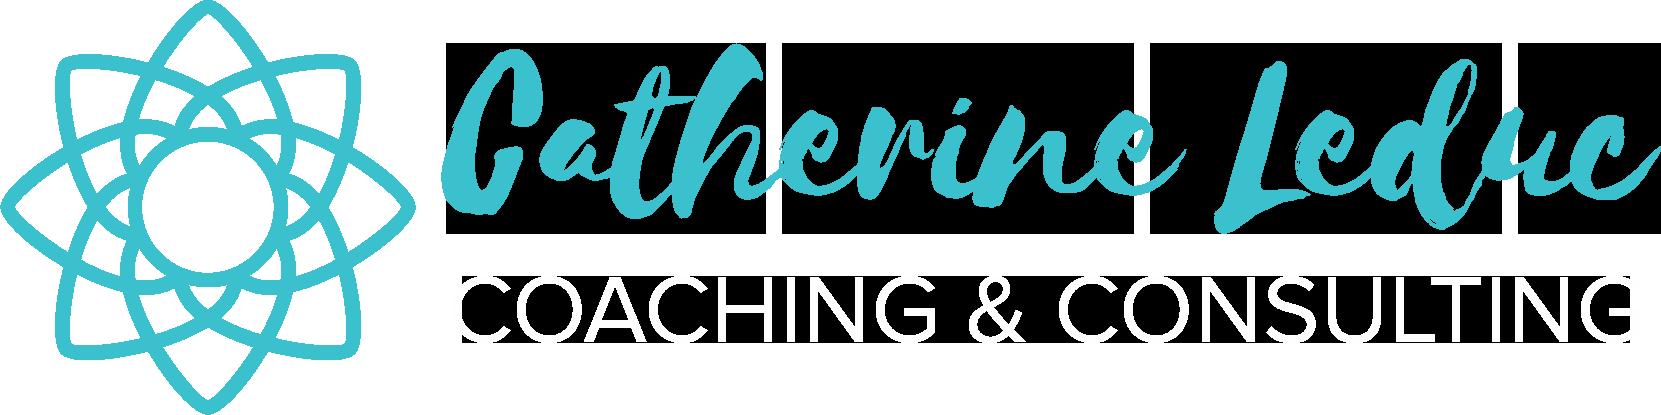 Catherine Leduc Coaching & Consulting